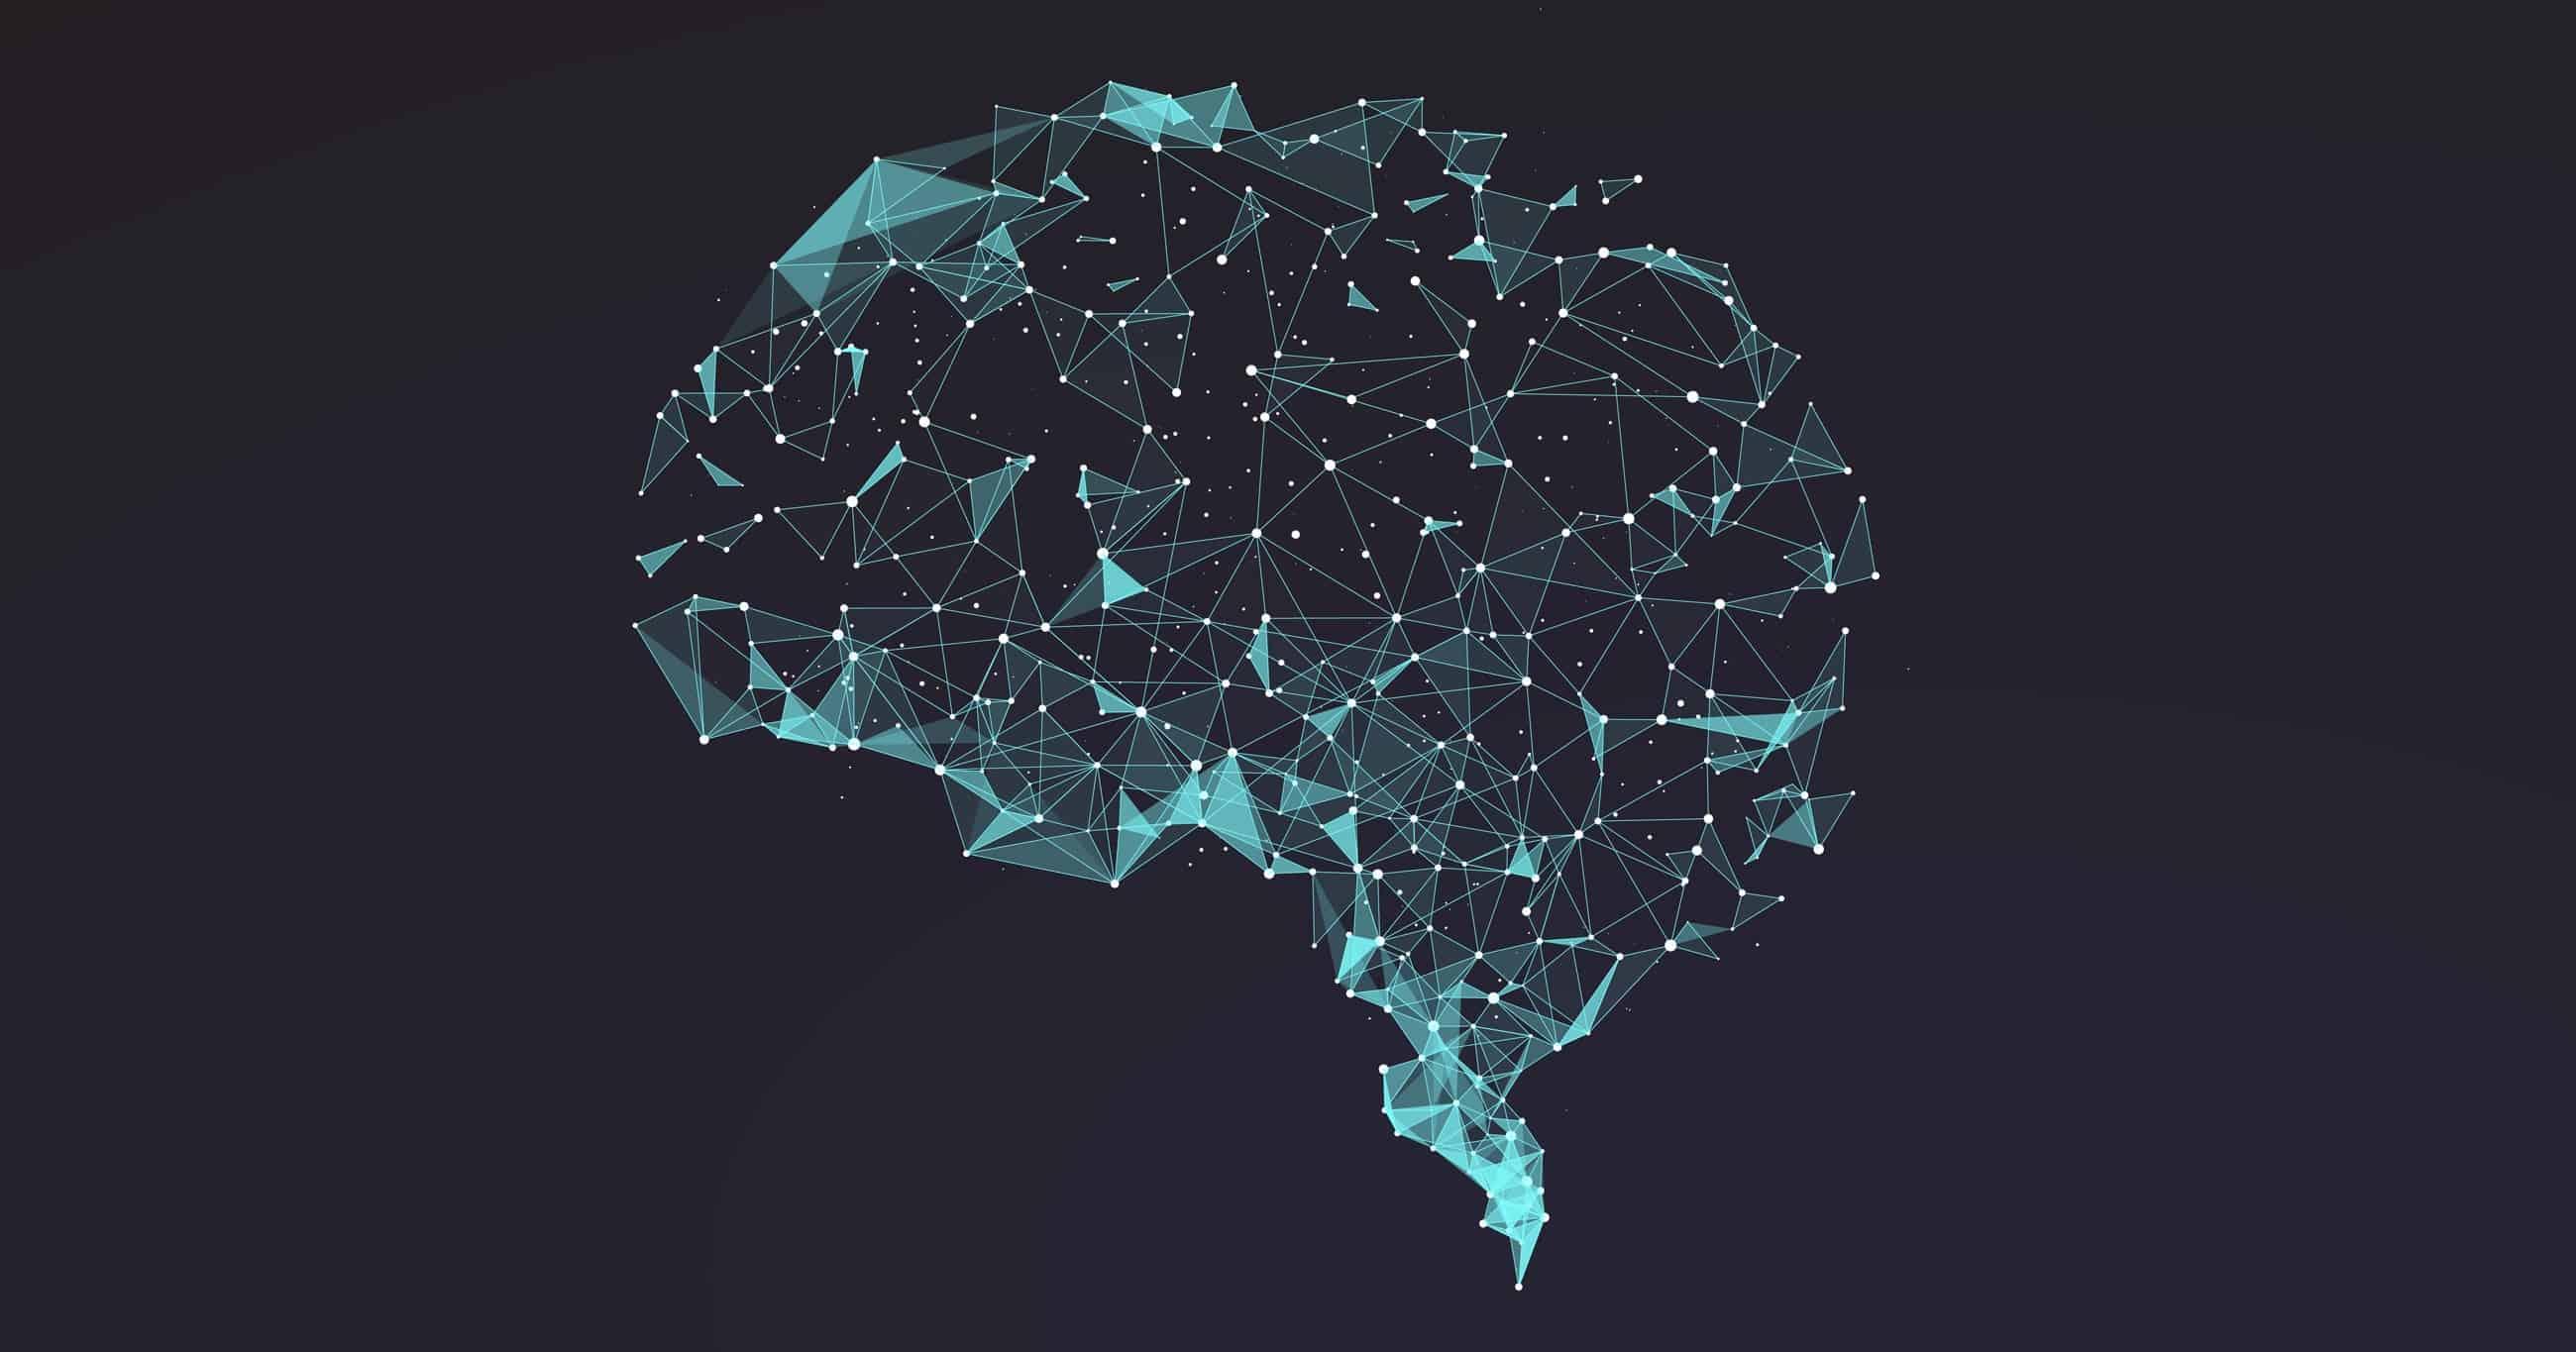 اولین رابطه بین مغزی Brain-Net غیر تهاجمی در جهان